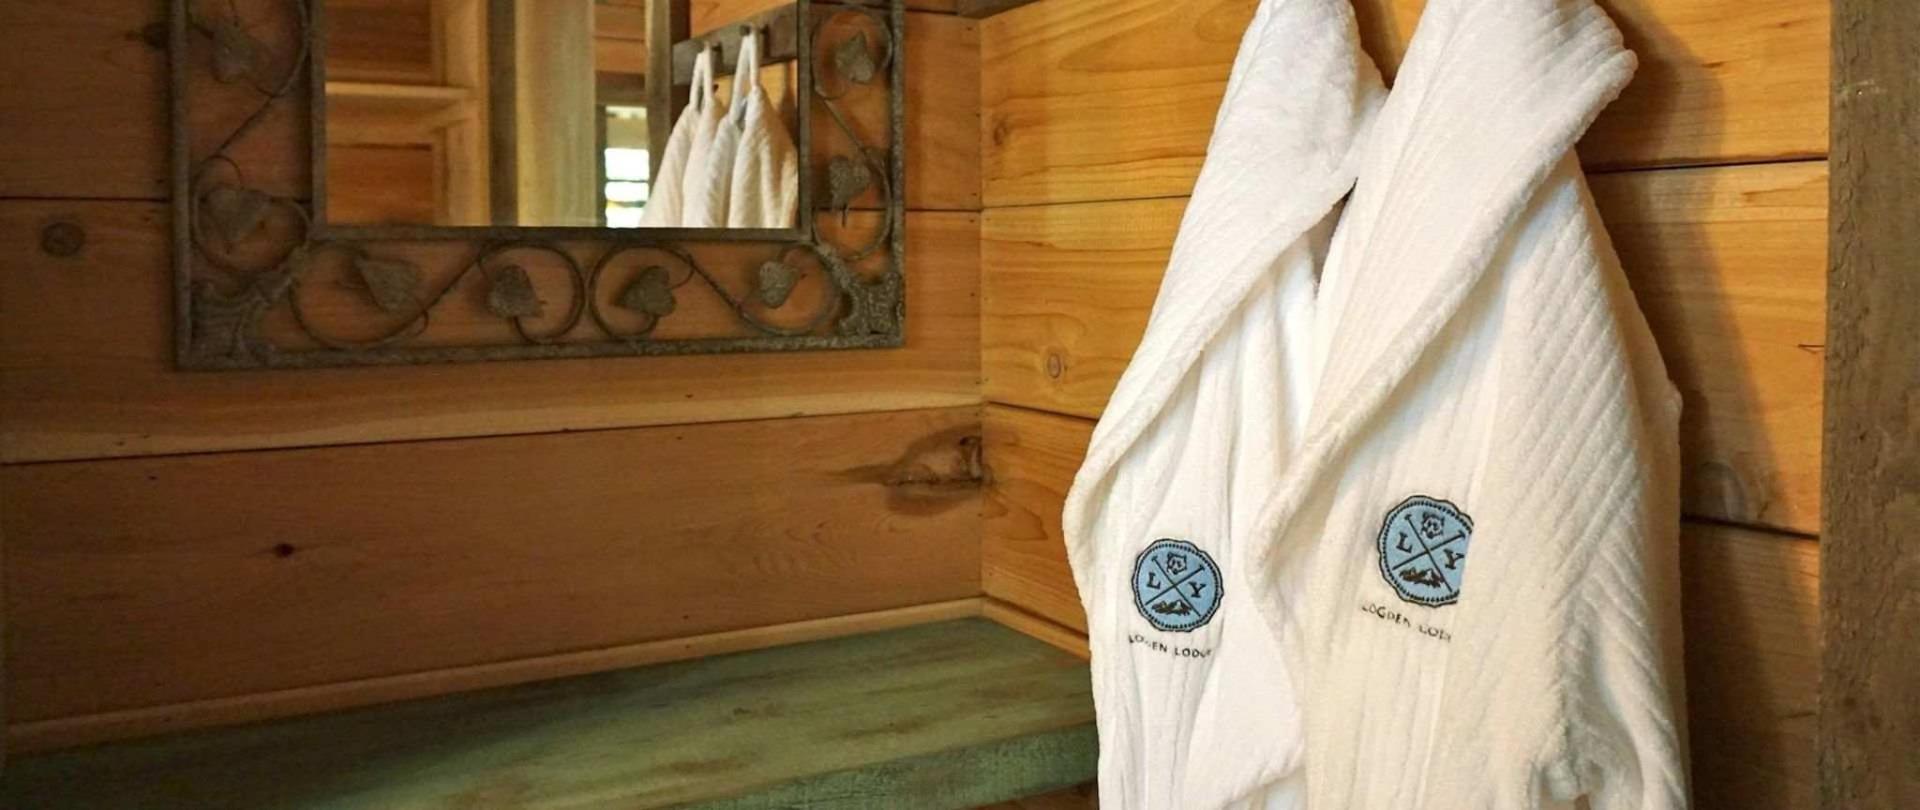 bedcloset-elise-bathrobes.JPG.1920x810_0_408_10000.jpeg